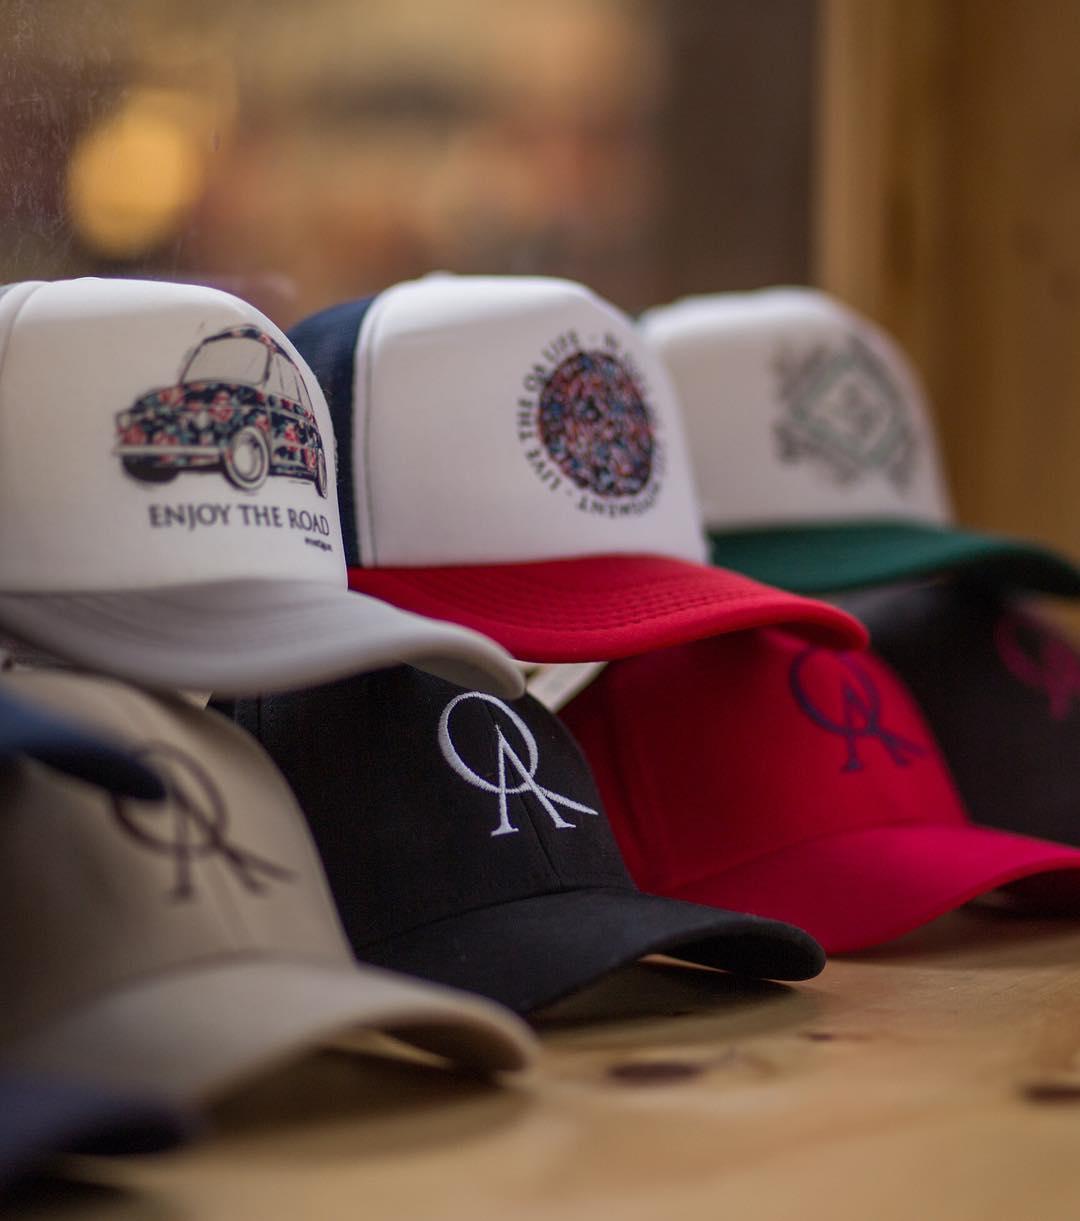 ¡Ahora también estamos en tu shopping preferido y con un 25% OFF en gorras y gorros de lana!